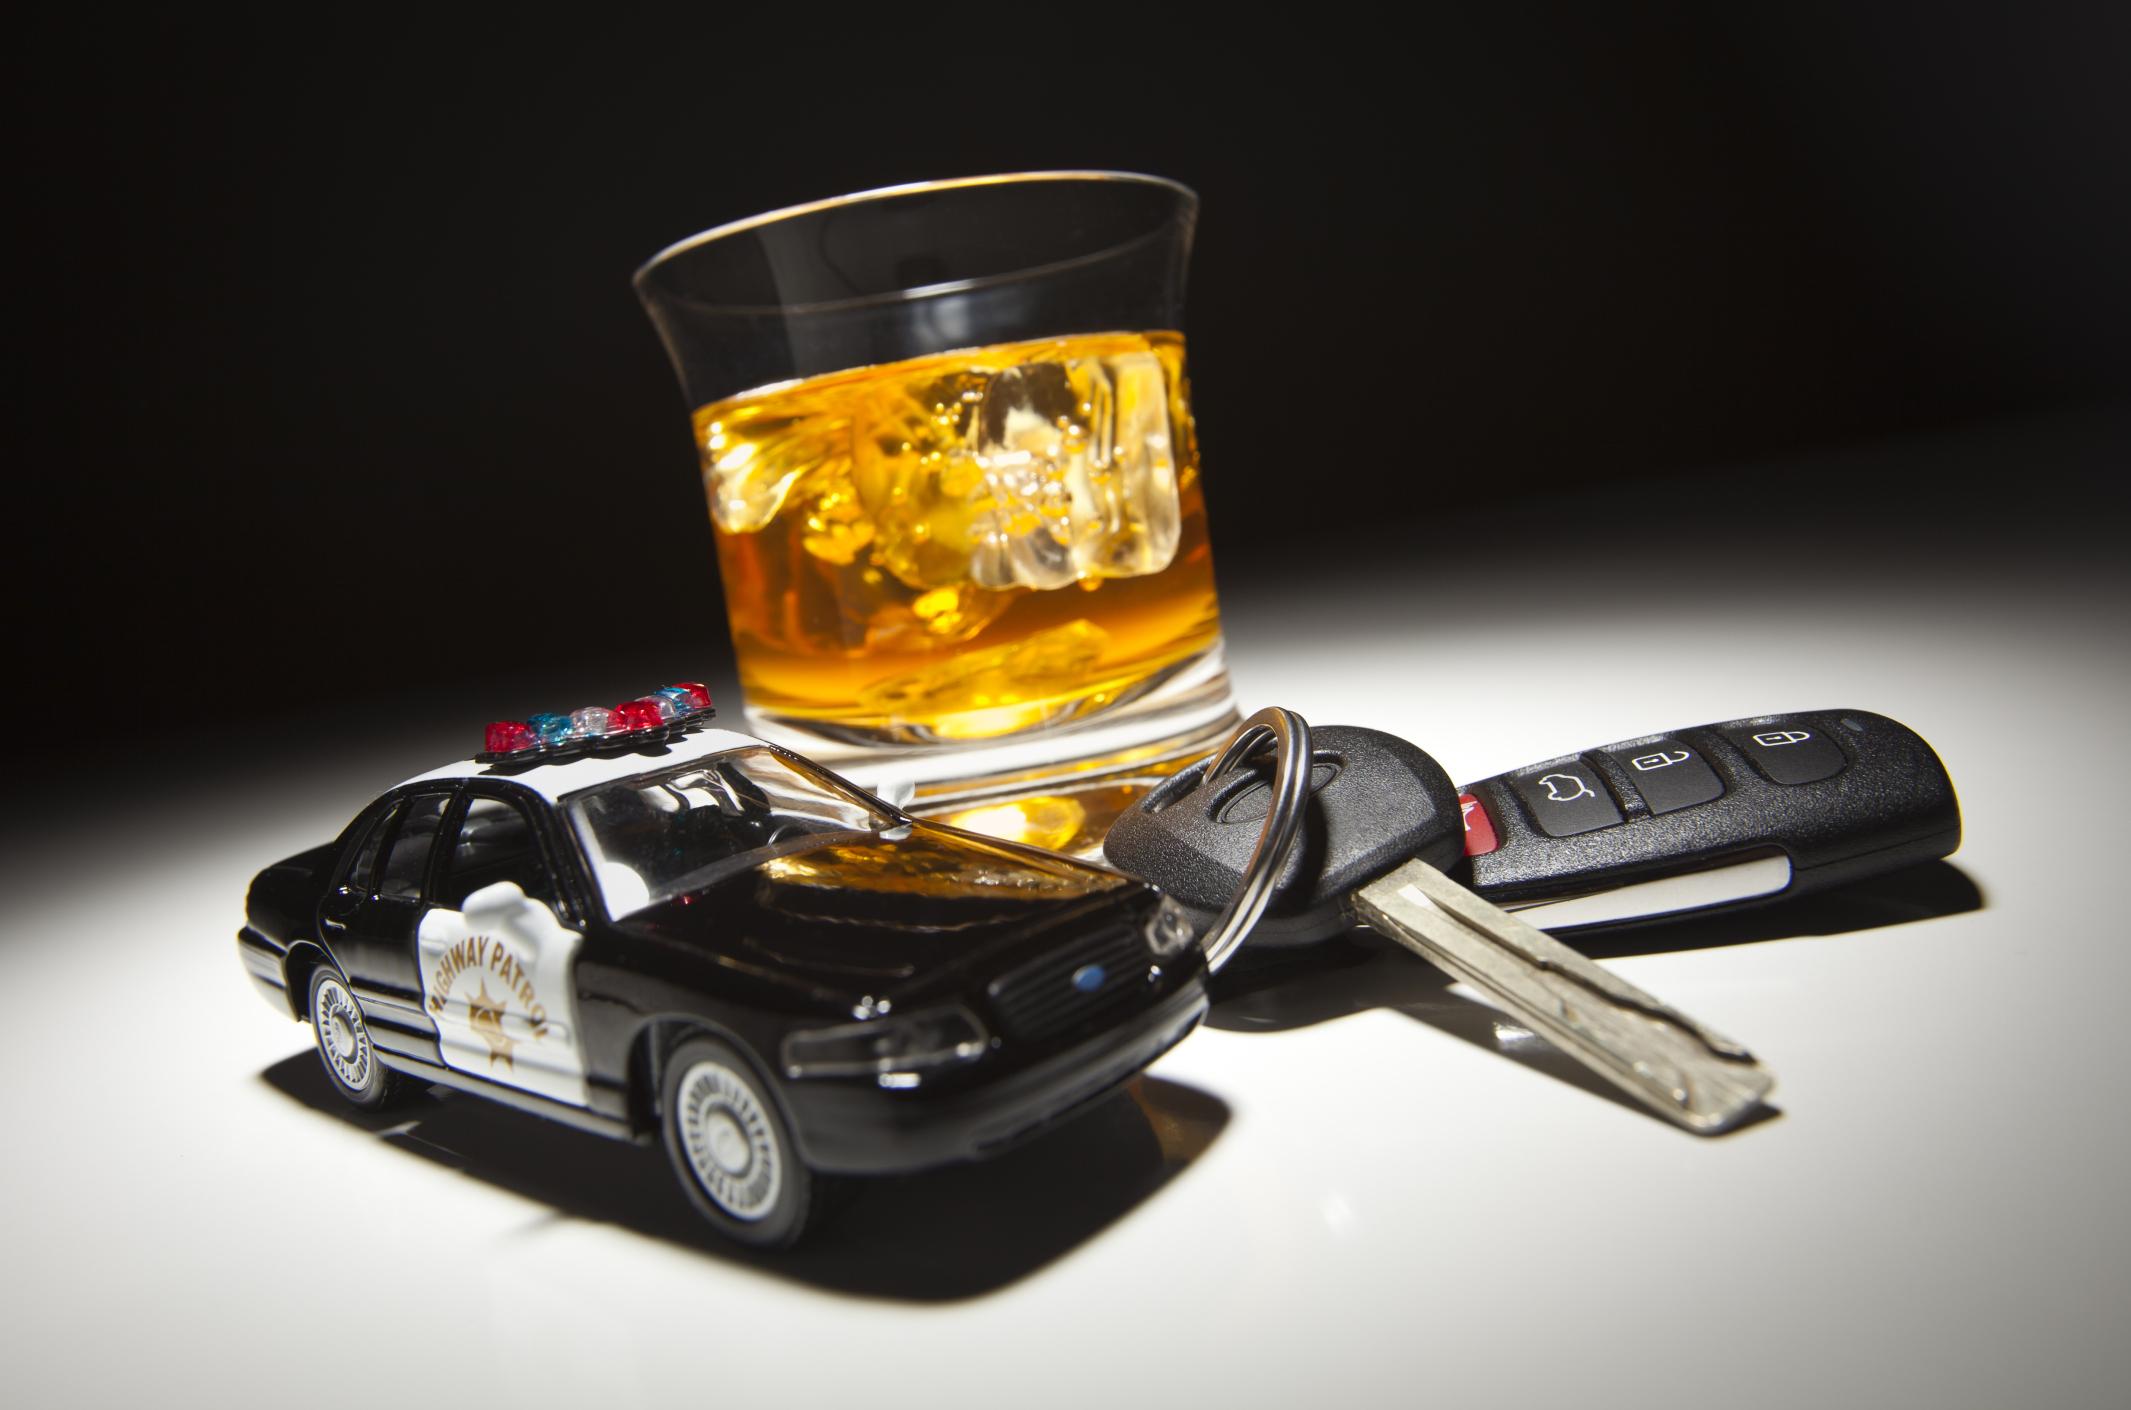 «Строгое наказание: за пьяное вождение» будут лишать прав 1